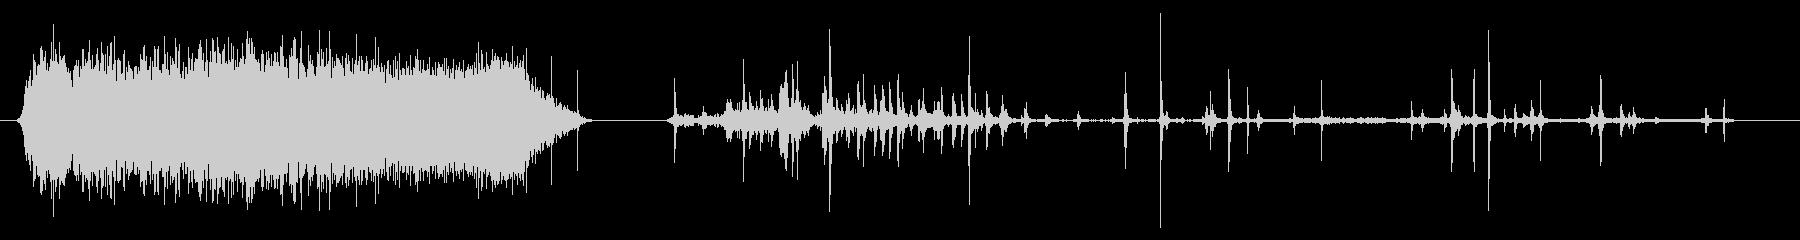 エアコン01-05(ノイズ)の未再生の波形